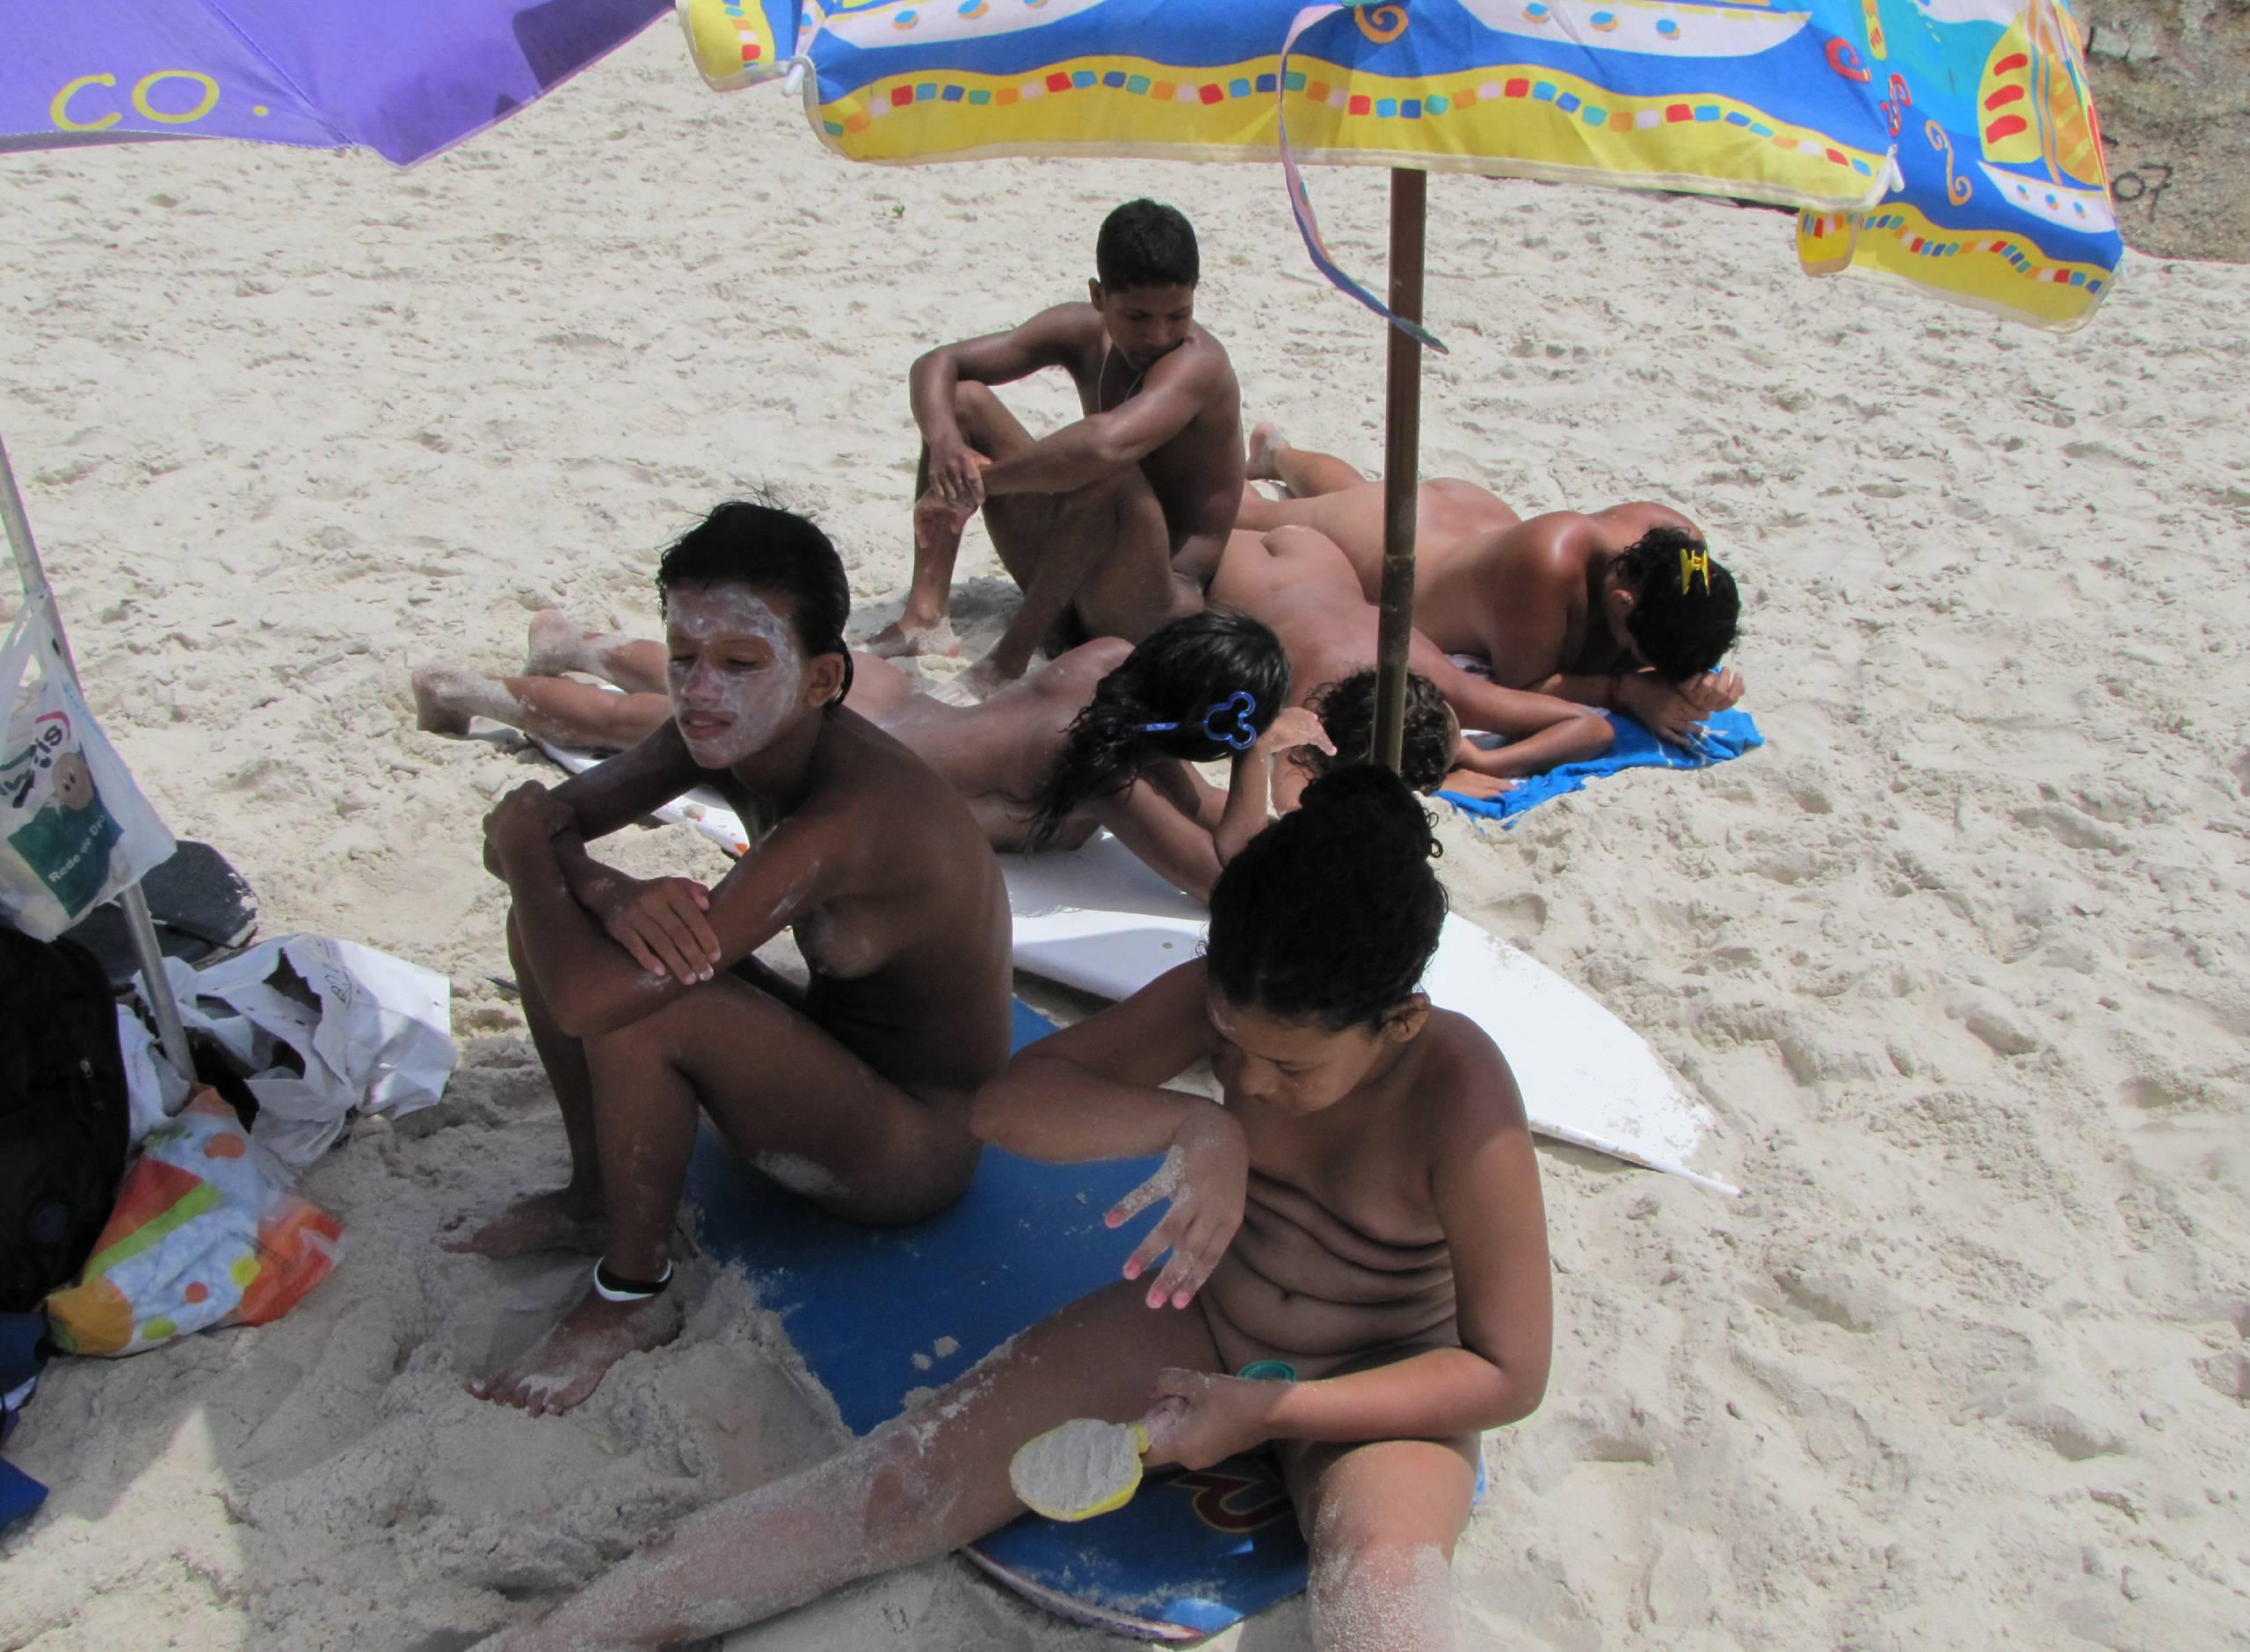 Warm Tropic Beach - 2